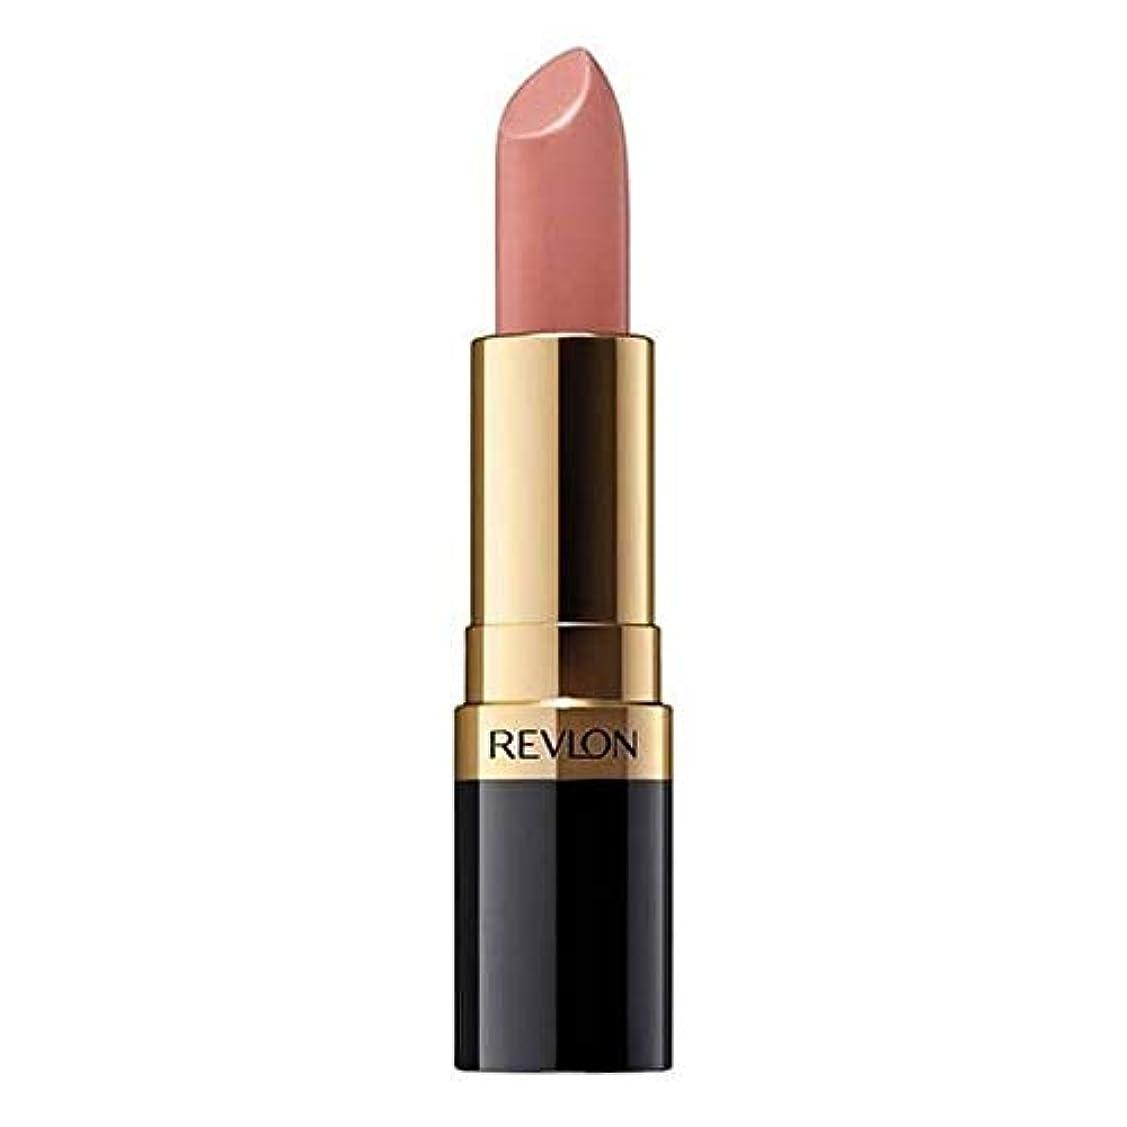 マカダム溶接中絶[Revlon ] レブロンSuperlustrous口紅裸事件 - Revlon SuperLustrous Lipstick Bare Affair [並行輸入品]